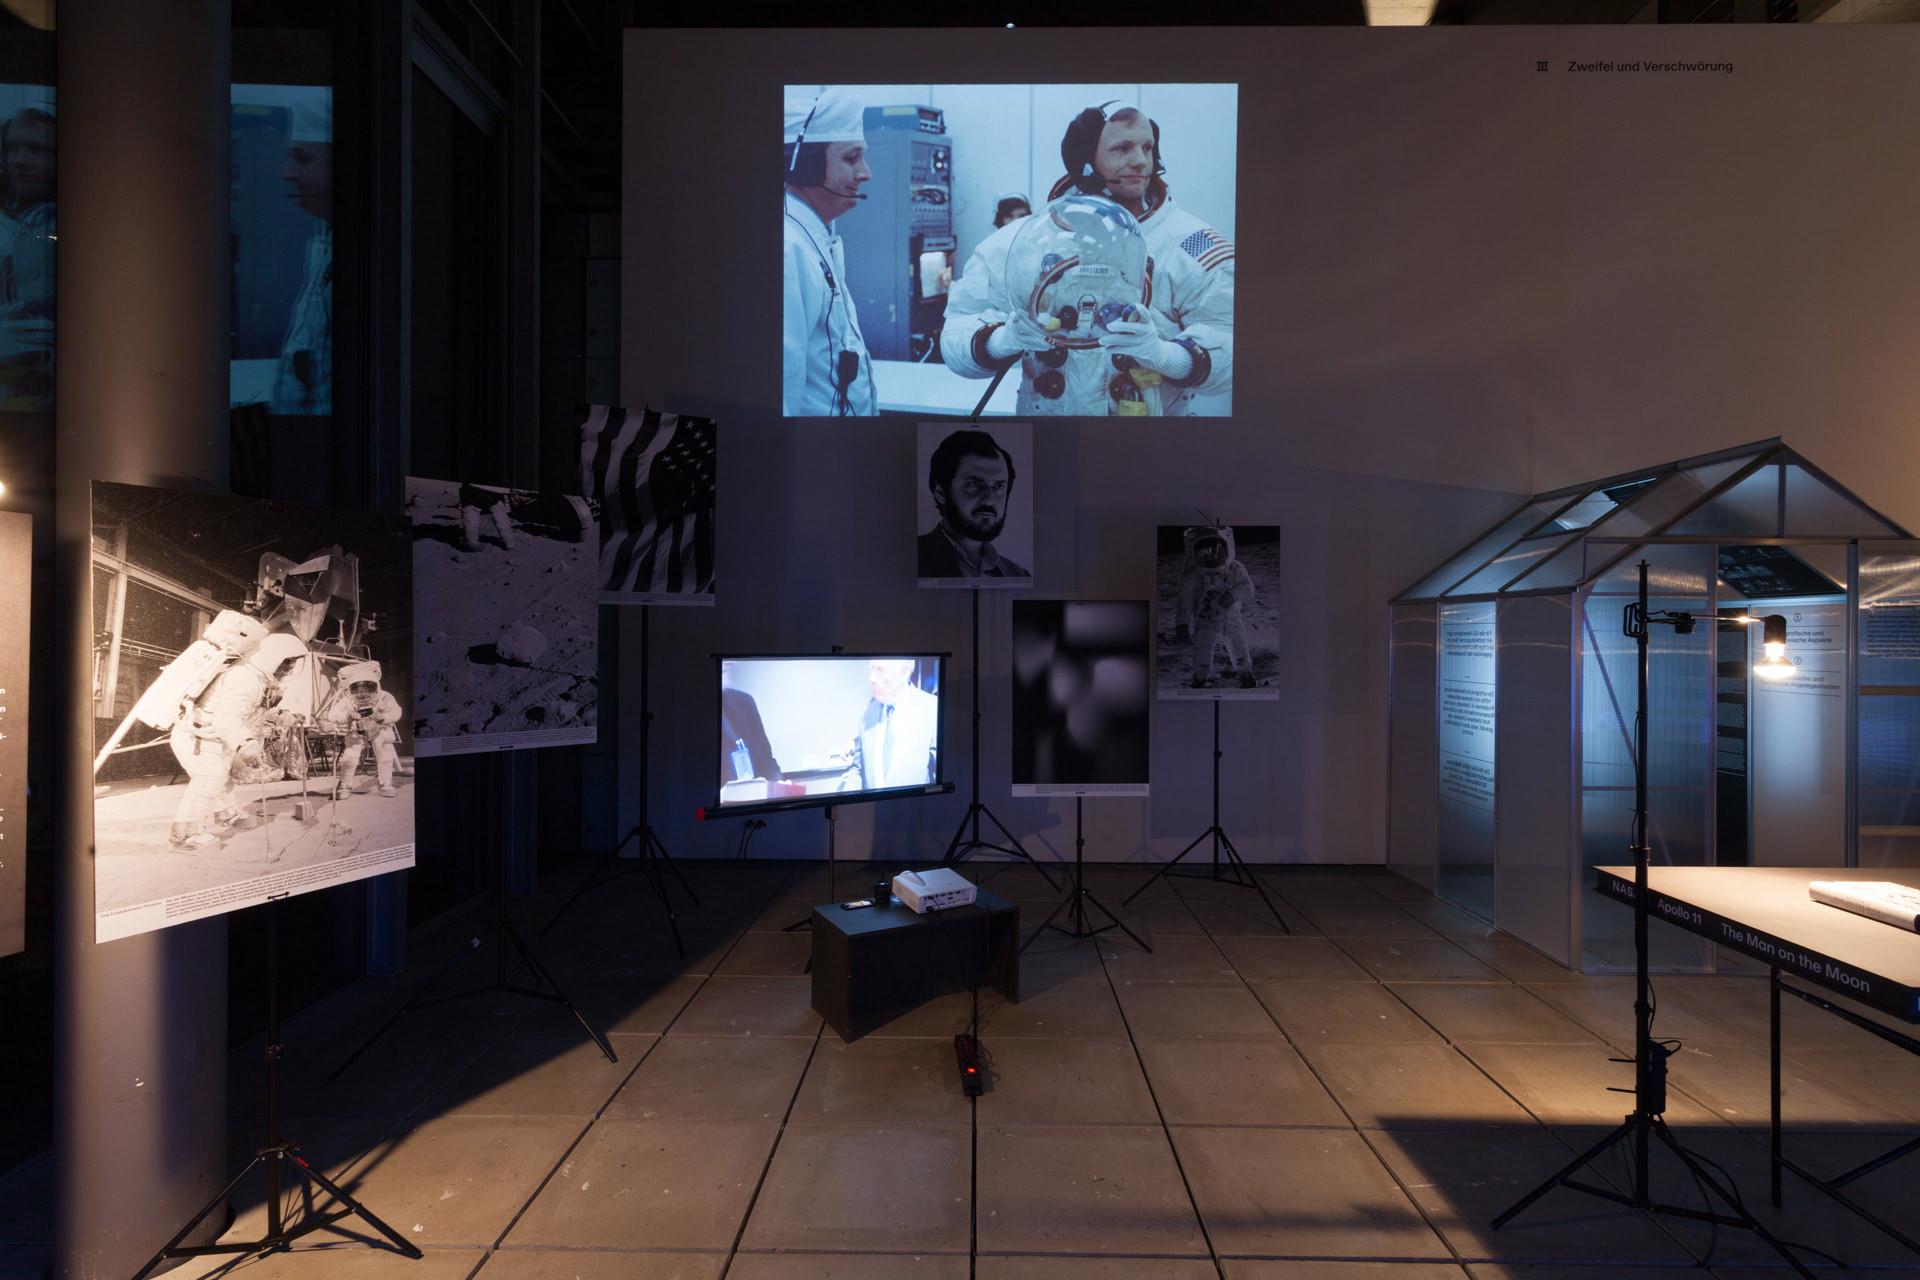 Abbildung der Ausstellung »Der Mond: Reise zum Erdtrabenten in 3 Akten«.